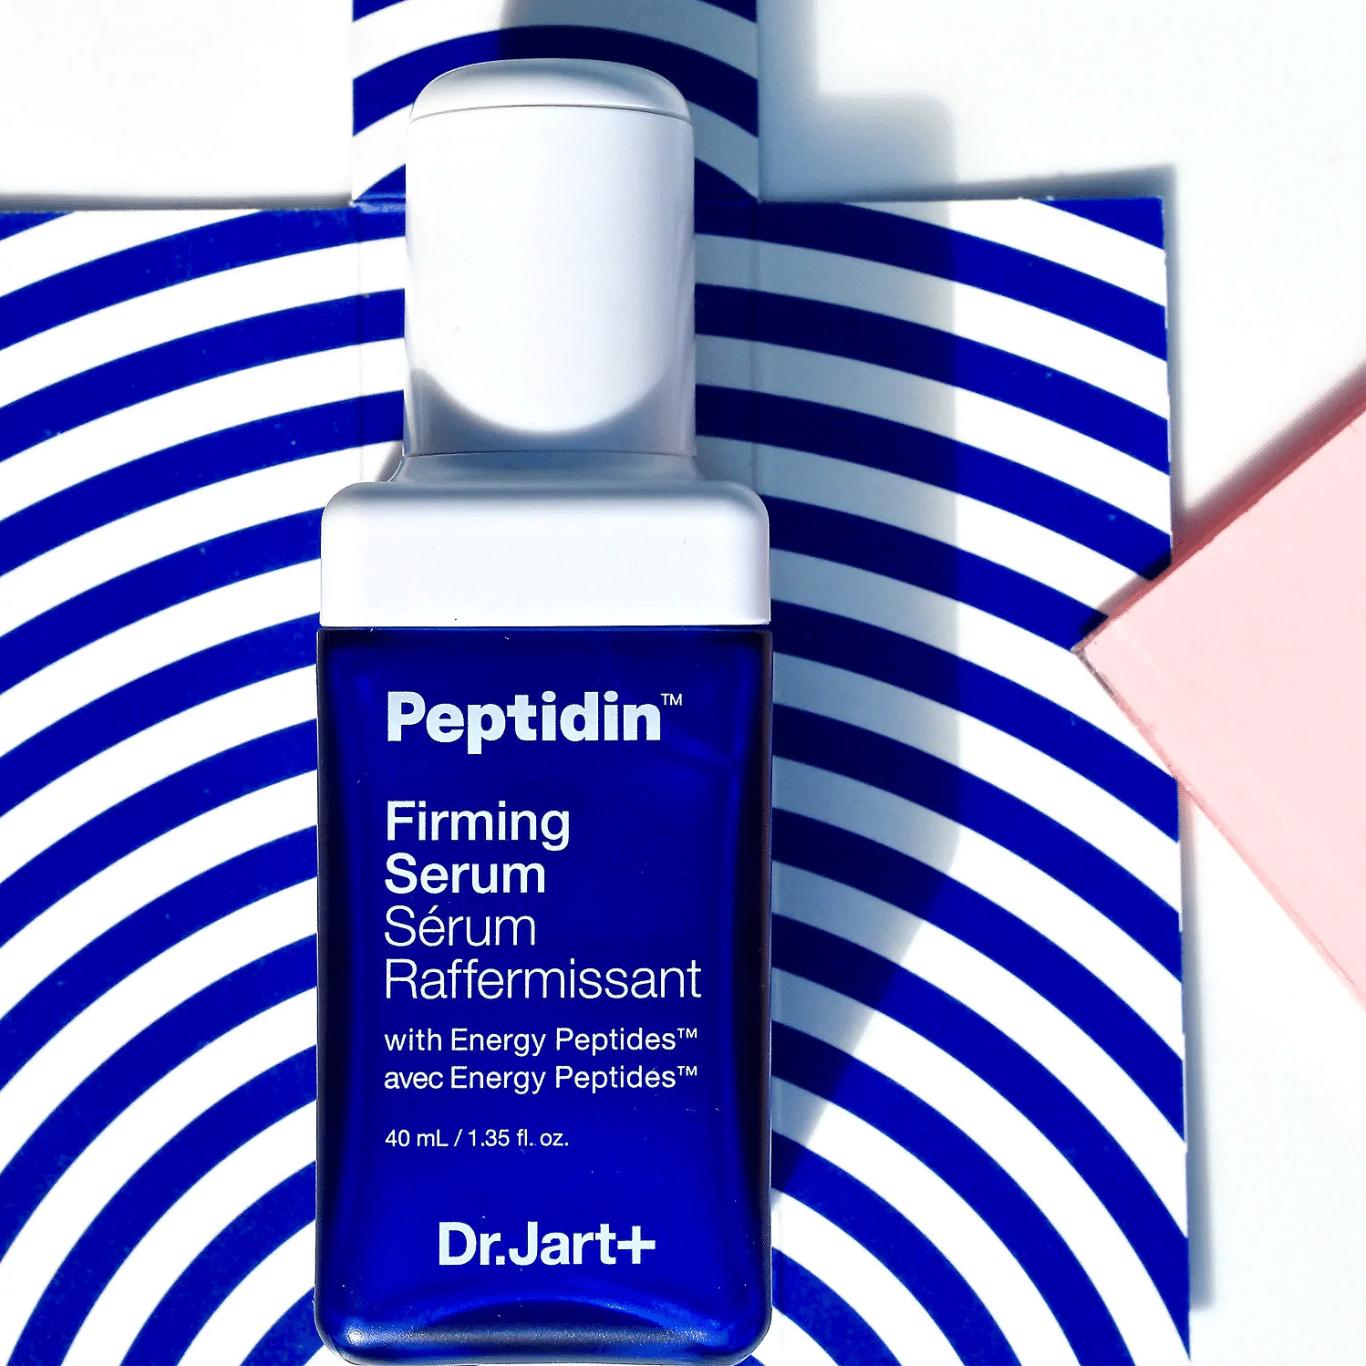 Dr. Jart+ presenta i nuovi Energy Peptidin per la pelle spenta e affaticata: Firming Serum e Radiance Serum - Info, review, prezzo, dove acquistare, recensione, data di uscita